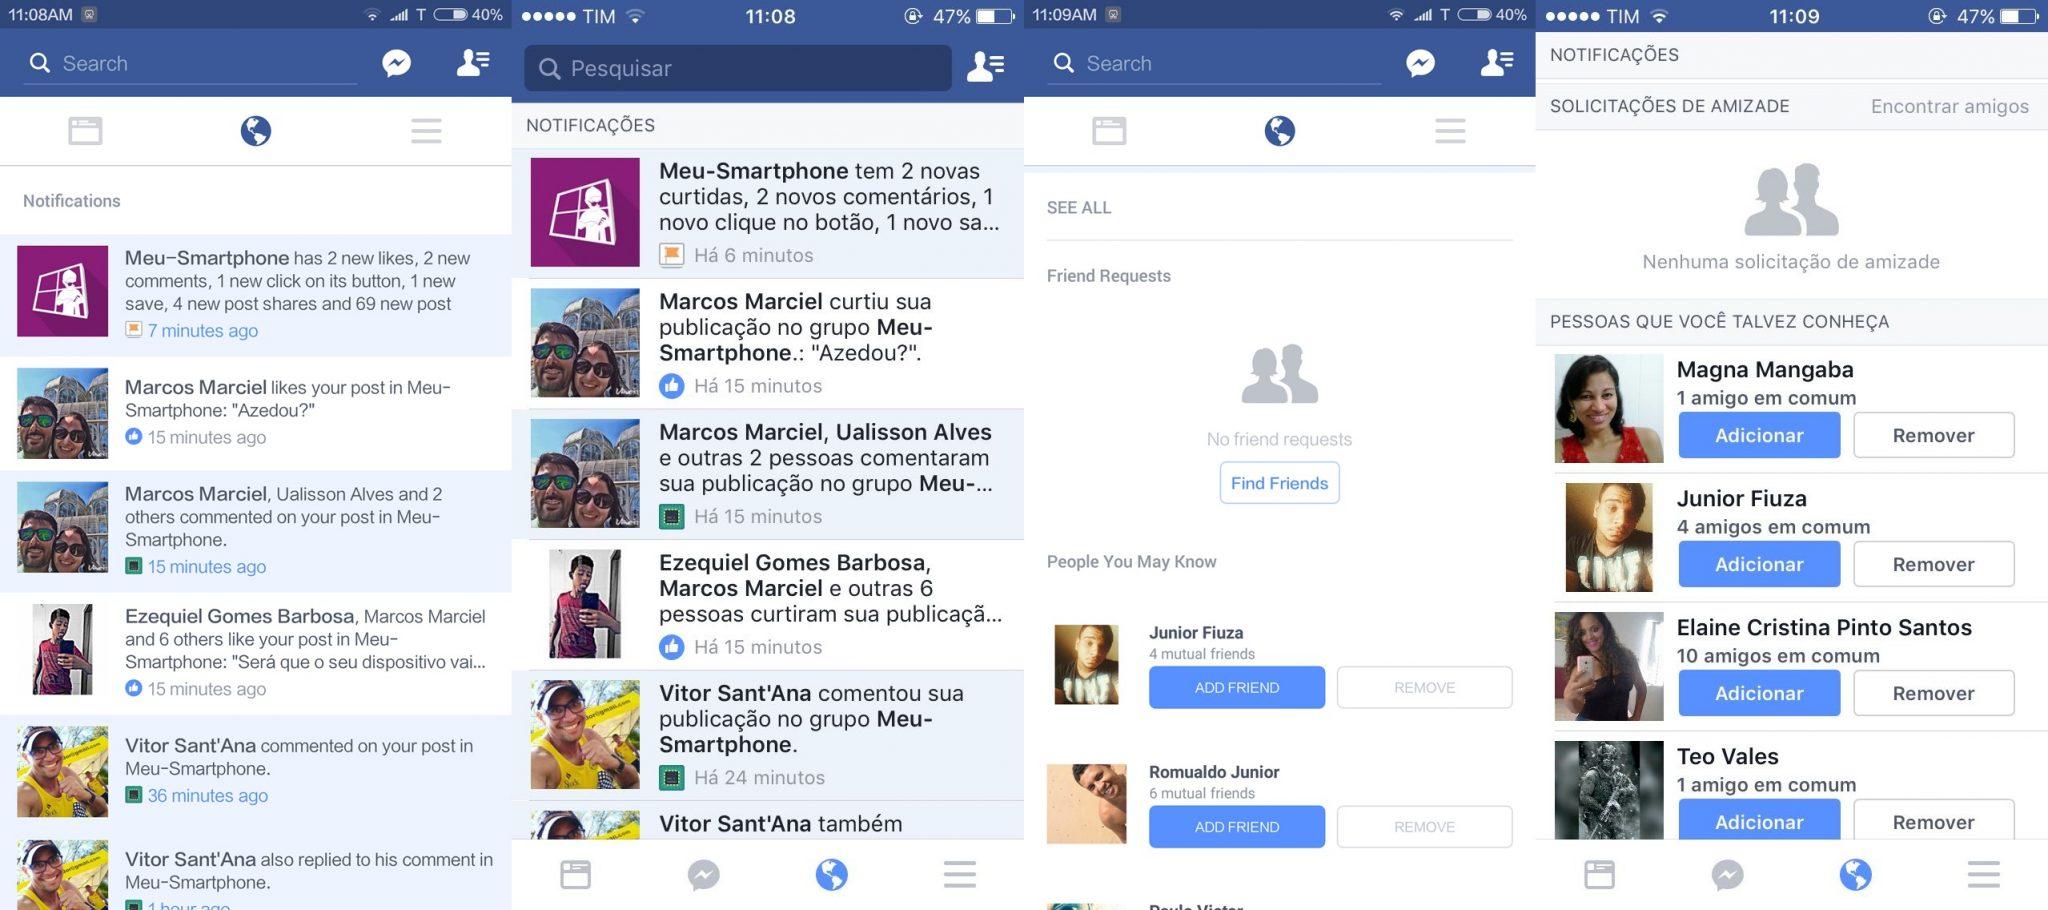 comparativo-facebook-2-6